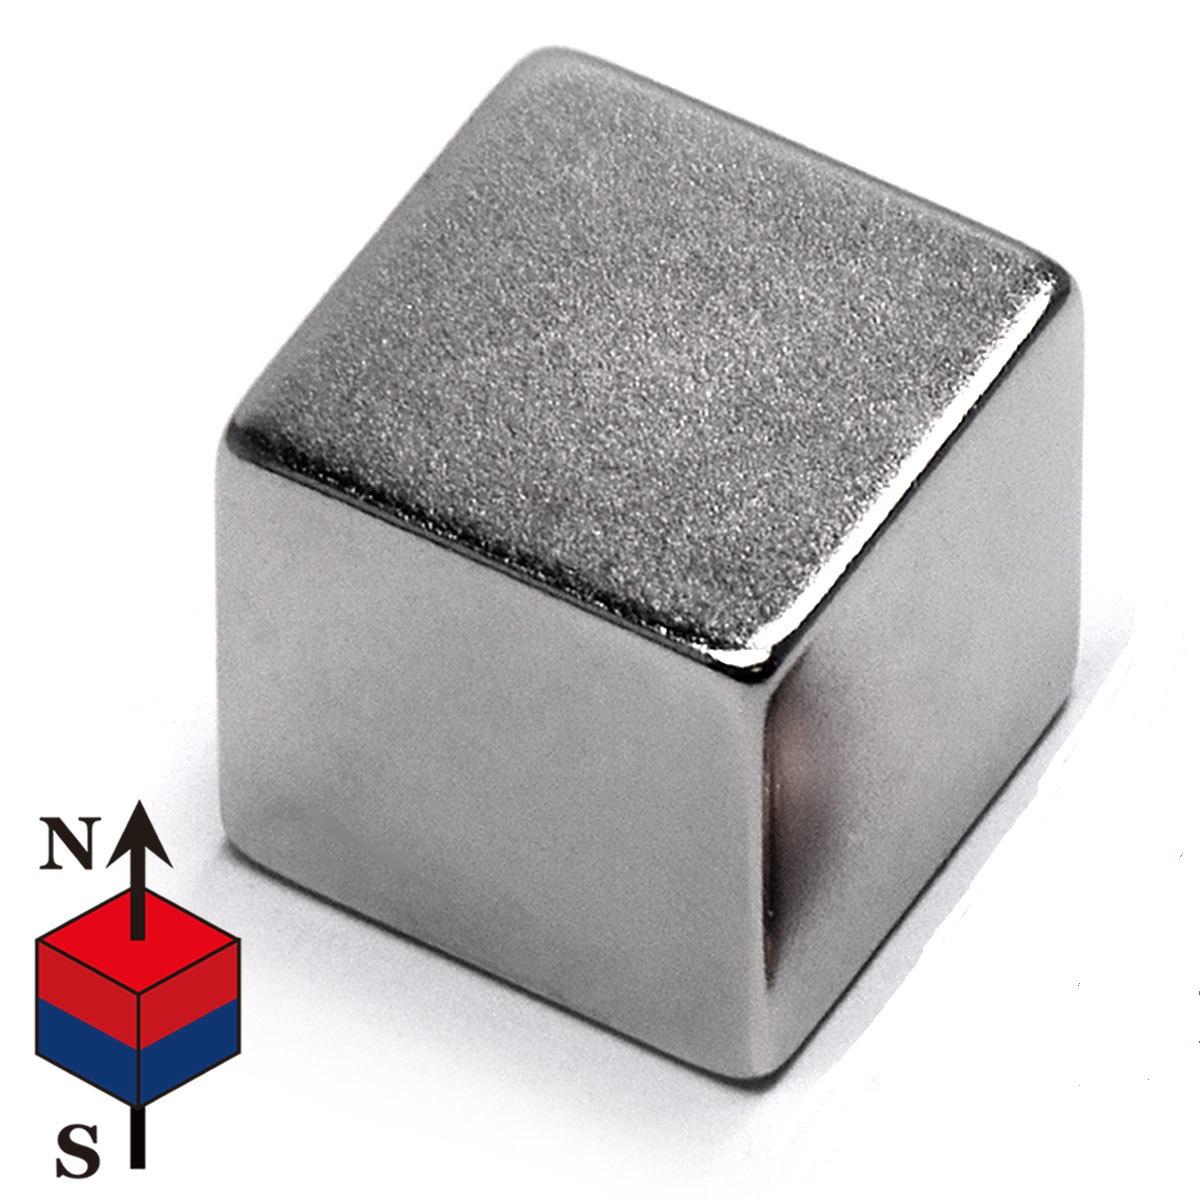 Magnetwürfel / Würfelmagnete Neodym